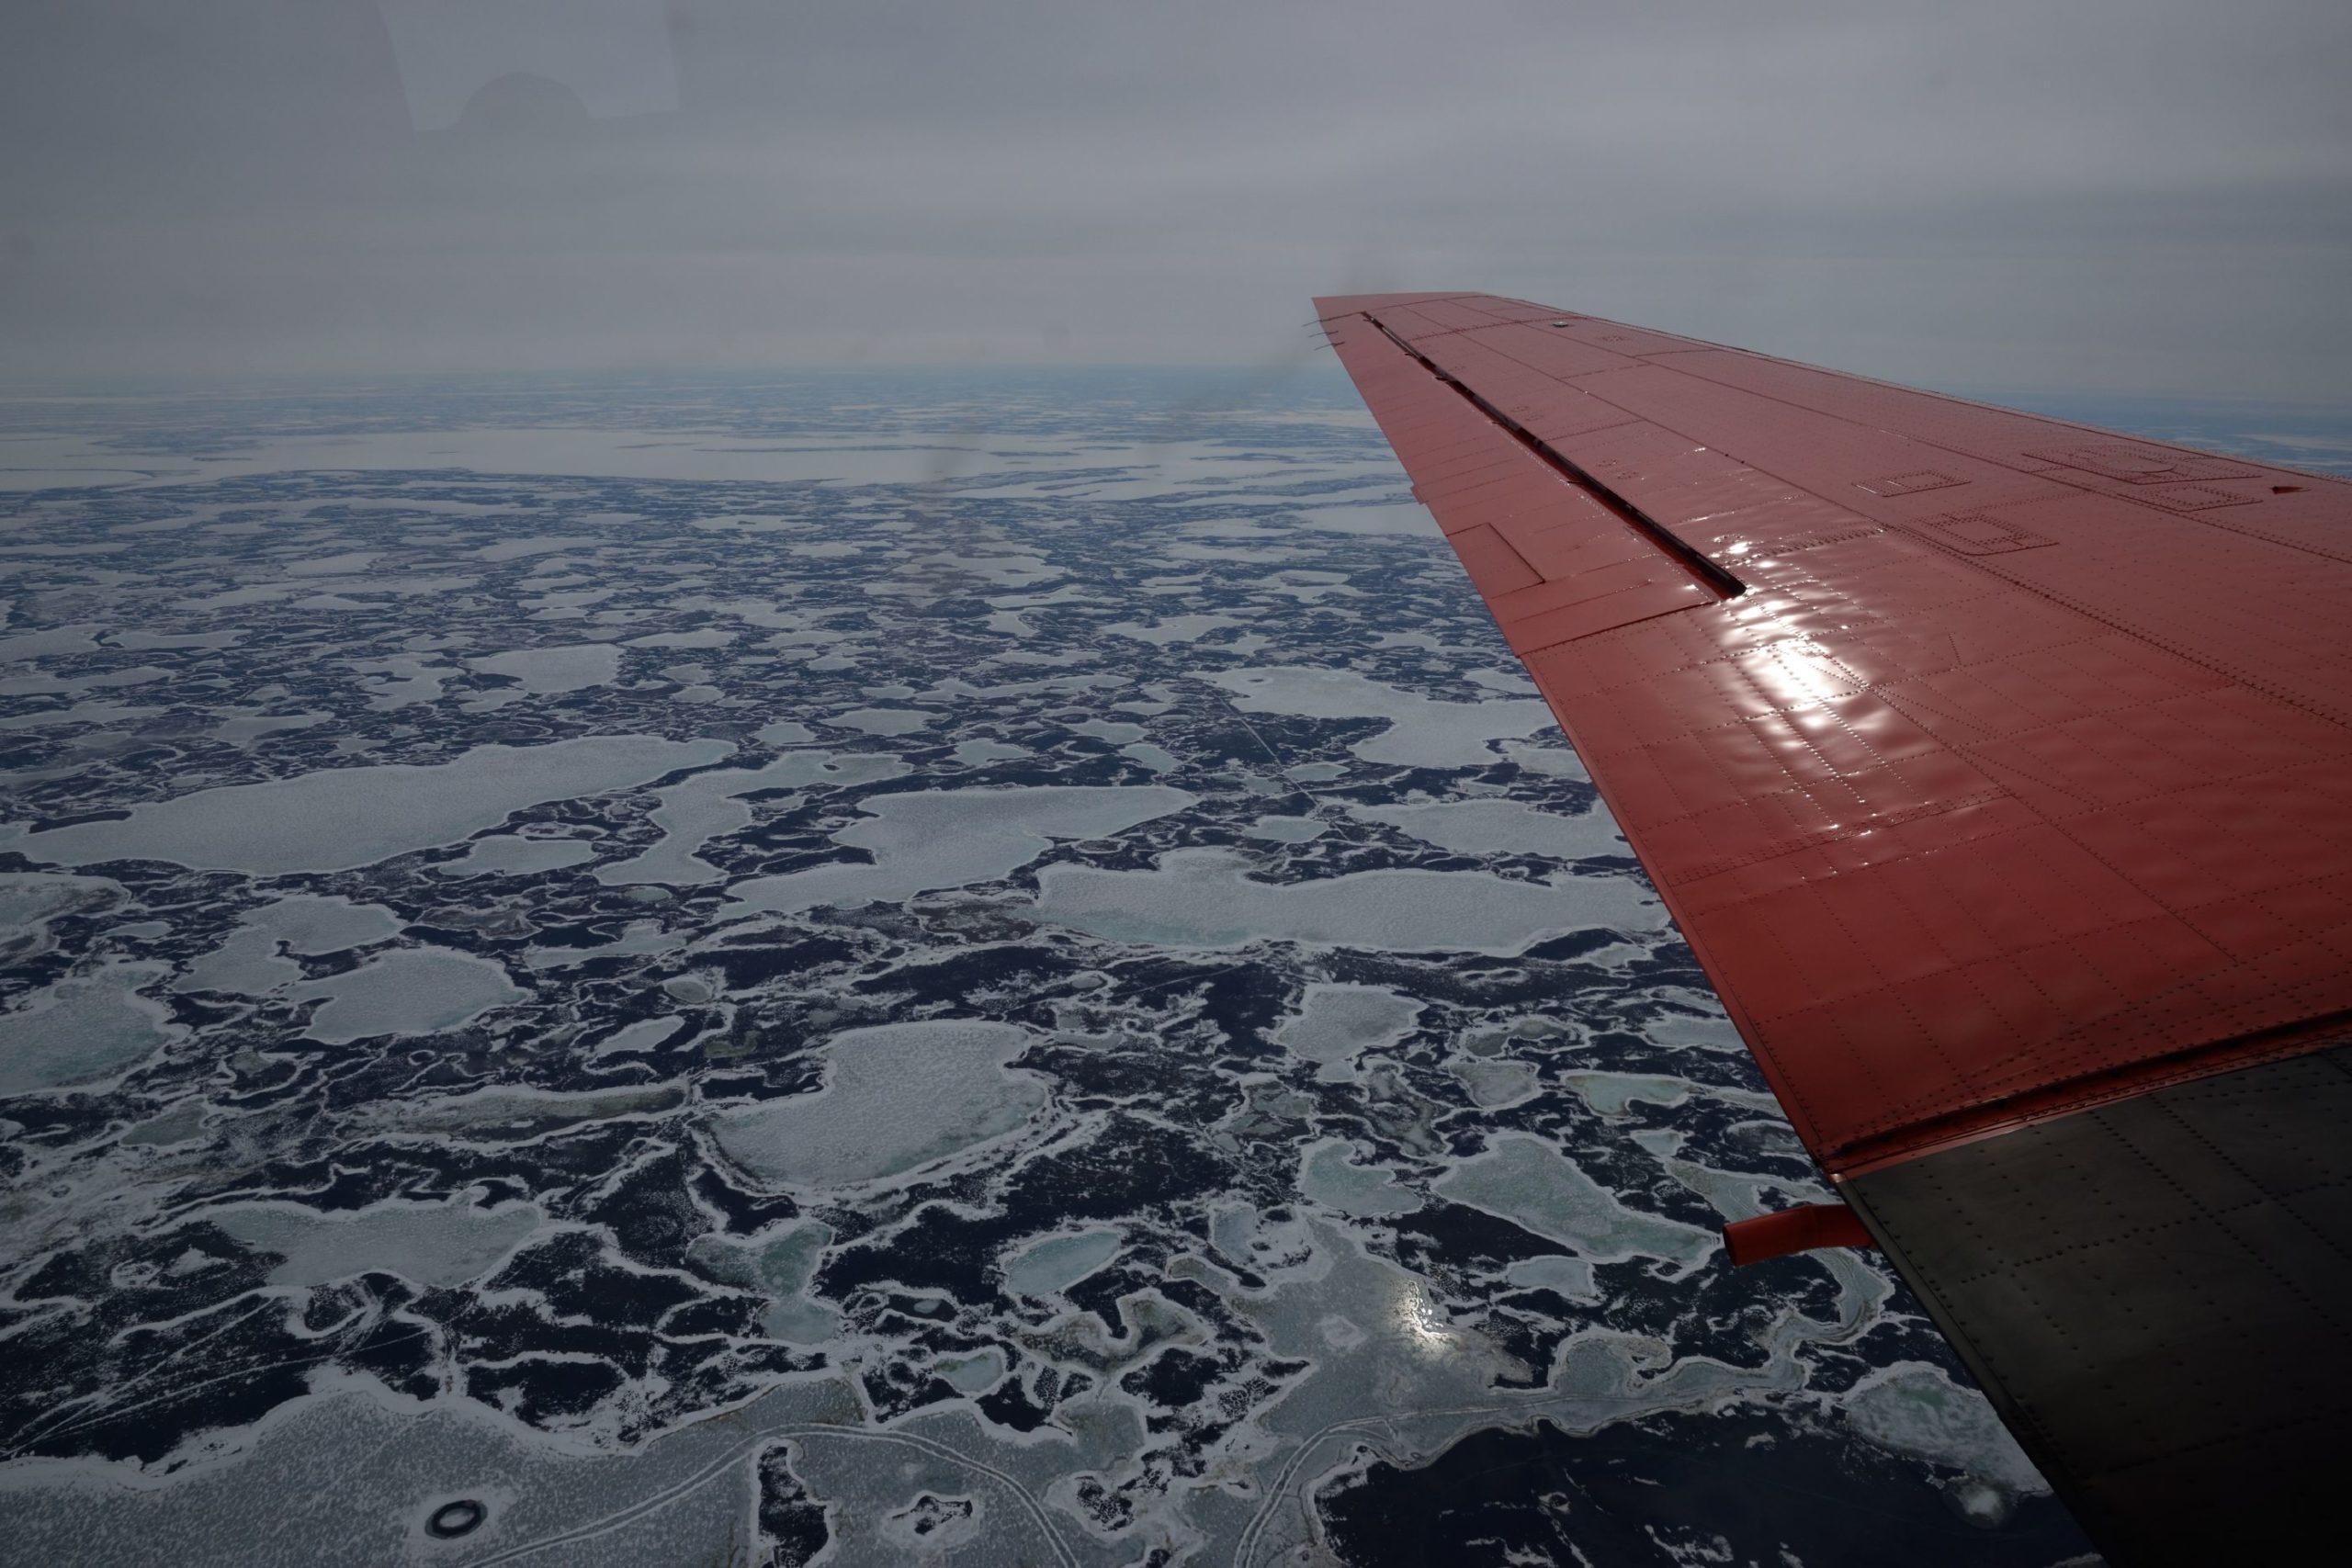 Flügel vom Polarflieger über dem Eis